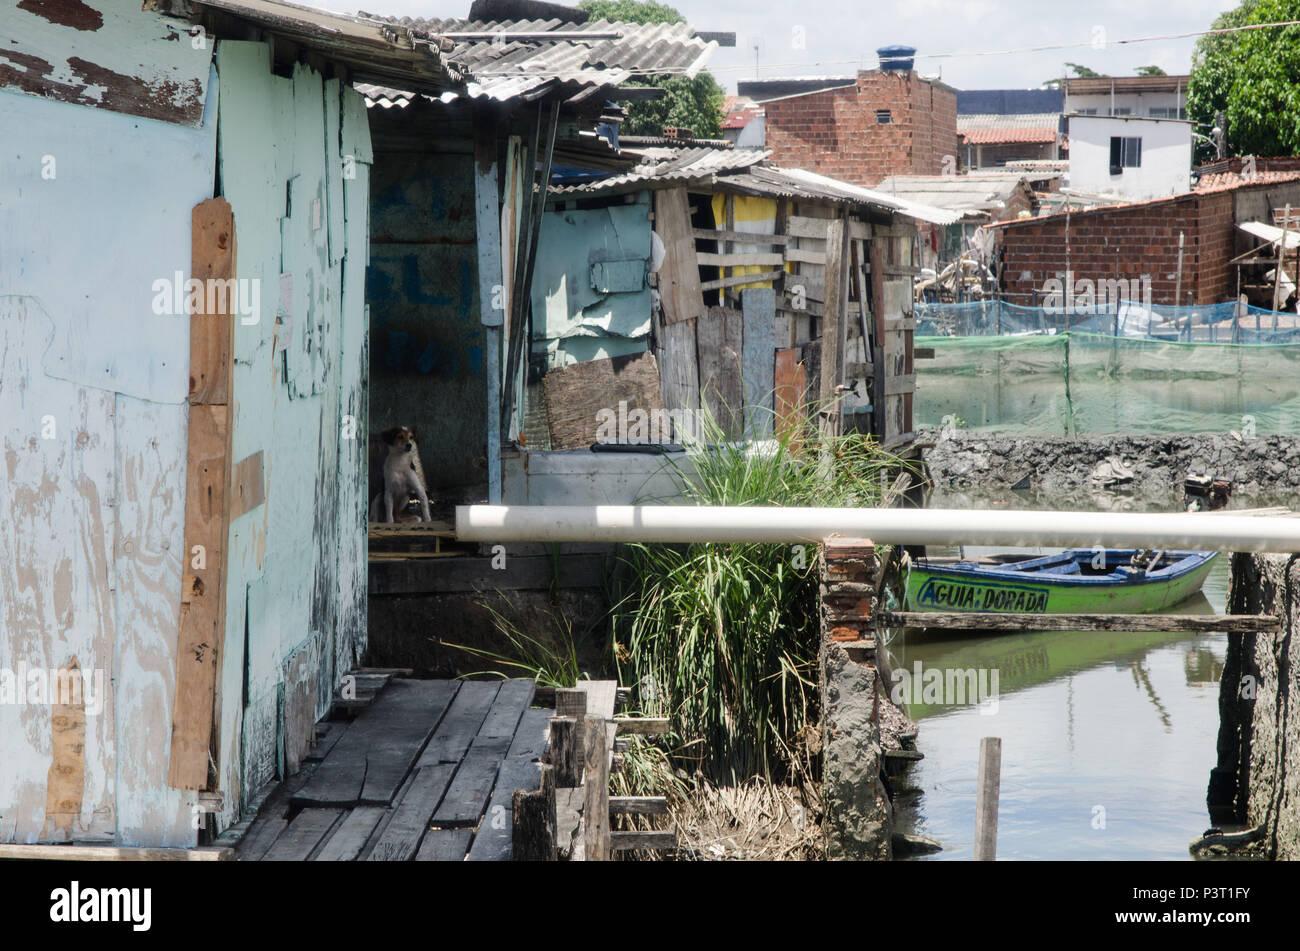 RECIFE, PE - 21.10.2015: FAVELA DO NO BUEIRO RECIFE - Aglomerado de casas de madeira ou em comunidade ribeirinha palafitas do Río Capibaribe, no Recife (PE). (Foto: Diego Herculano / Fotoarena) Foto de stock